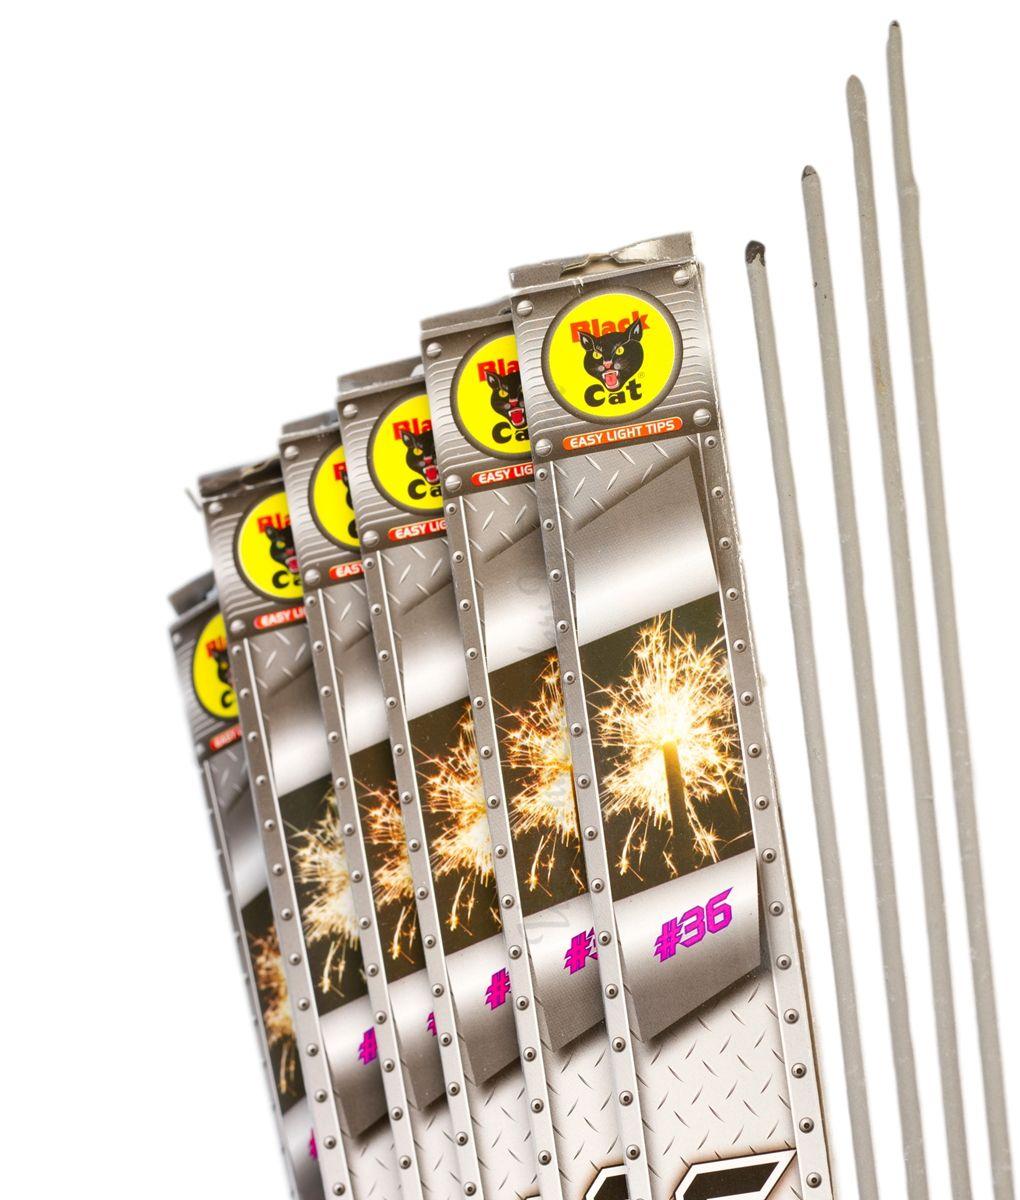 36_inch_black_cat_metal_sparklers 1020 compressor bundles of sparklers